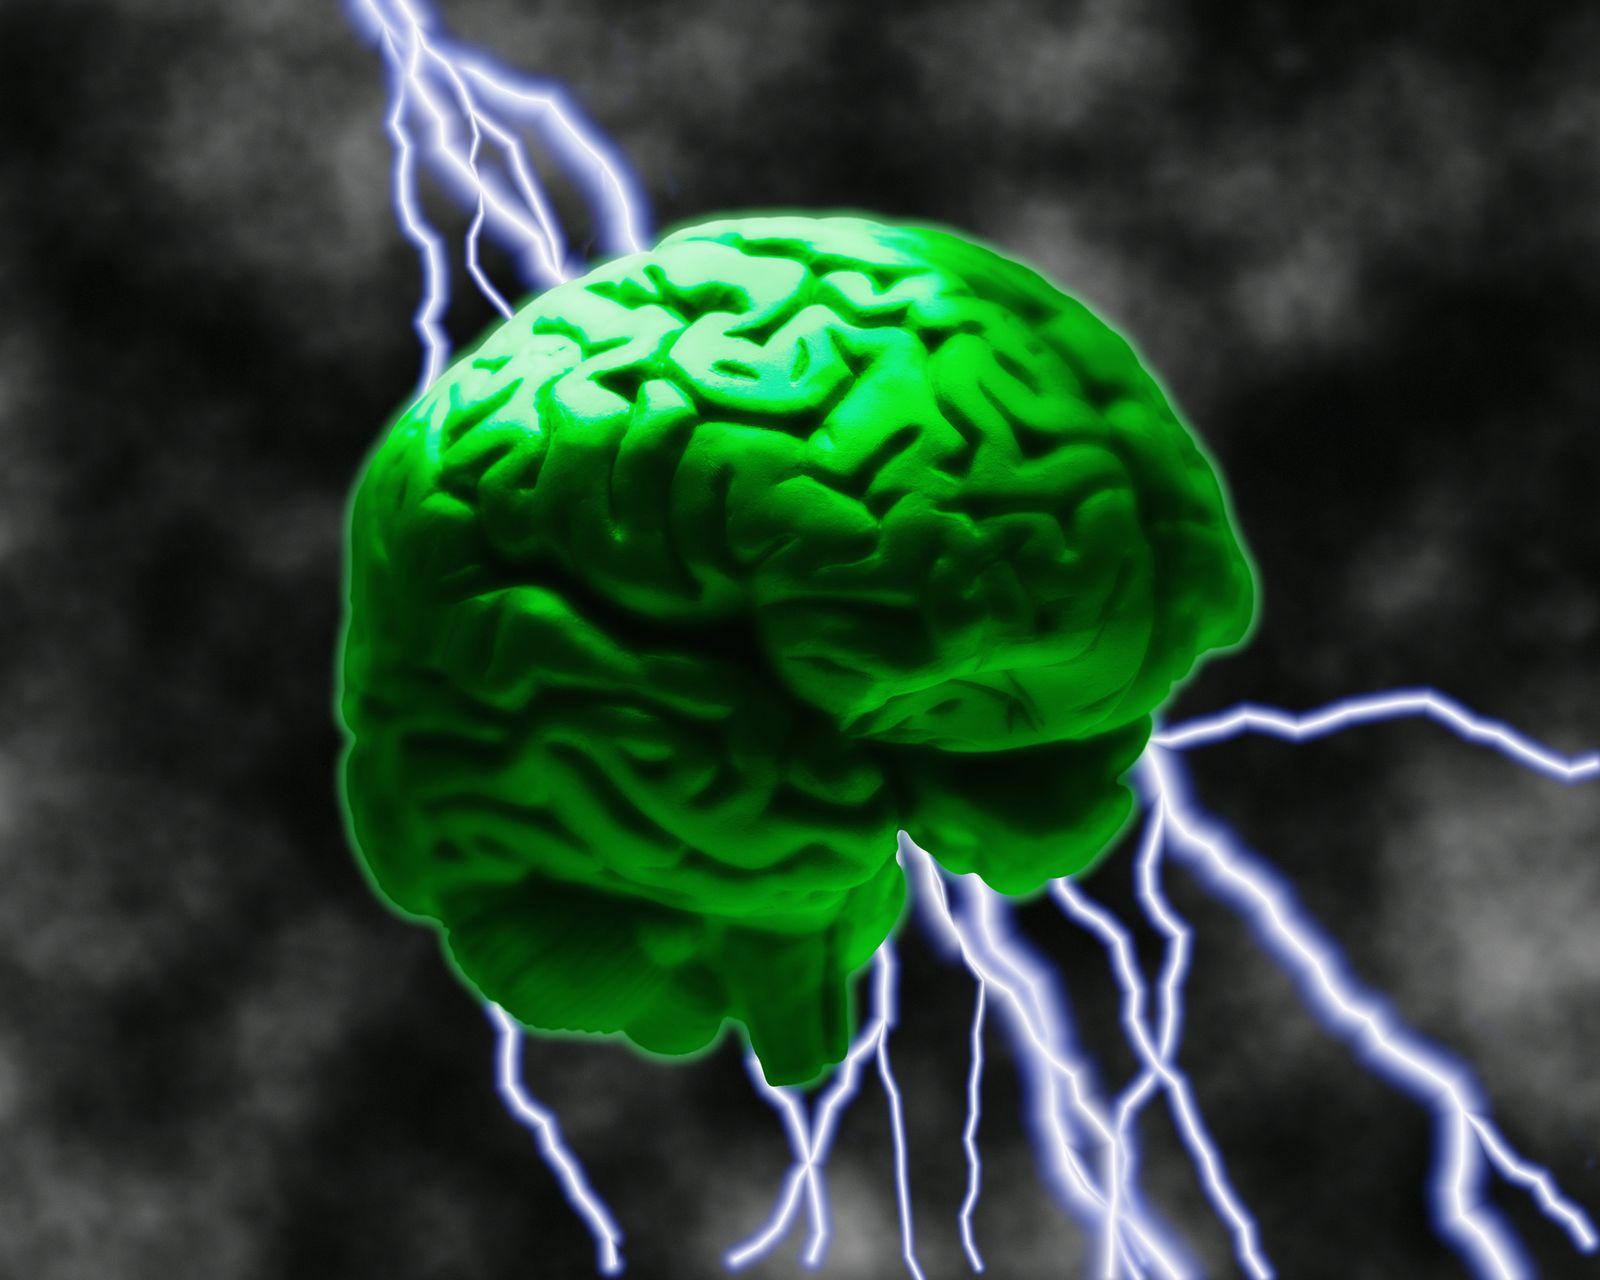 NICHT MEHR VERWENDEN! - Gehirn / Blitze / Symbolbild